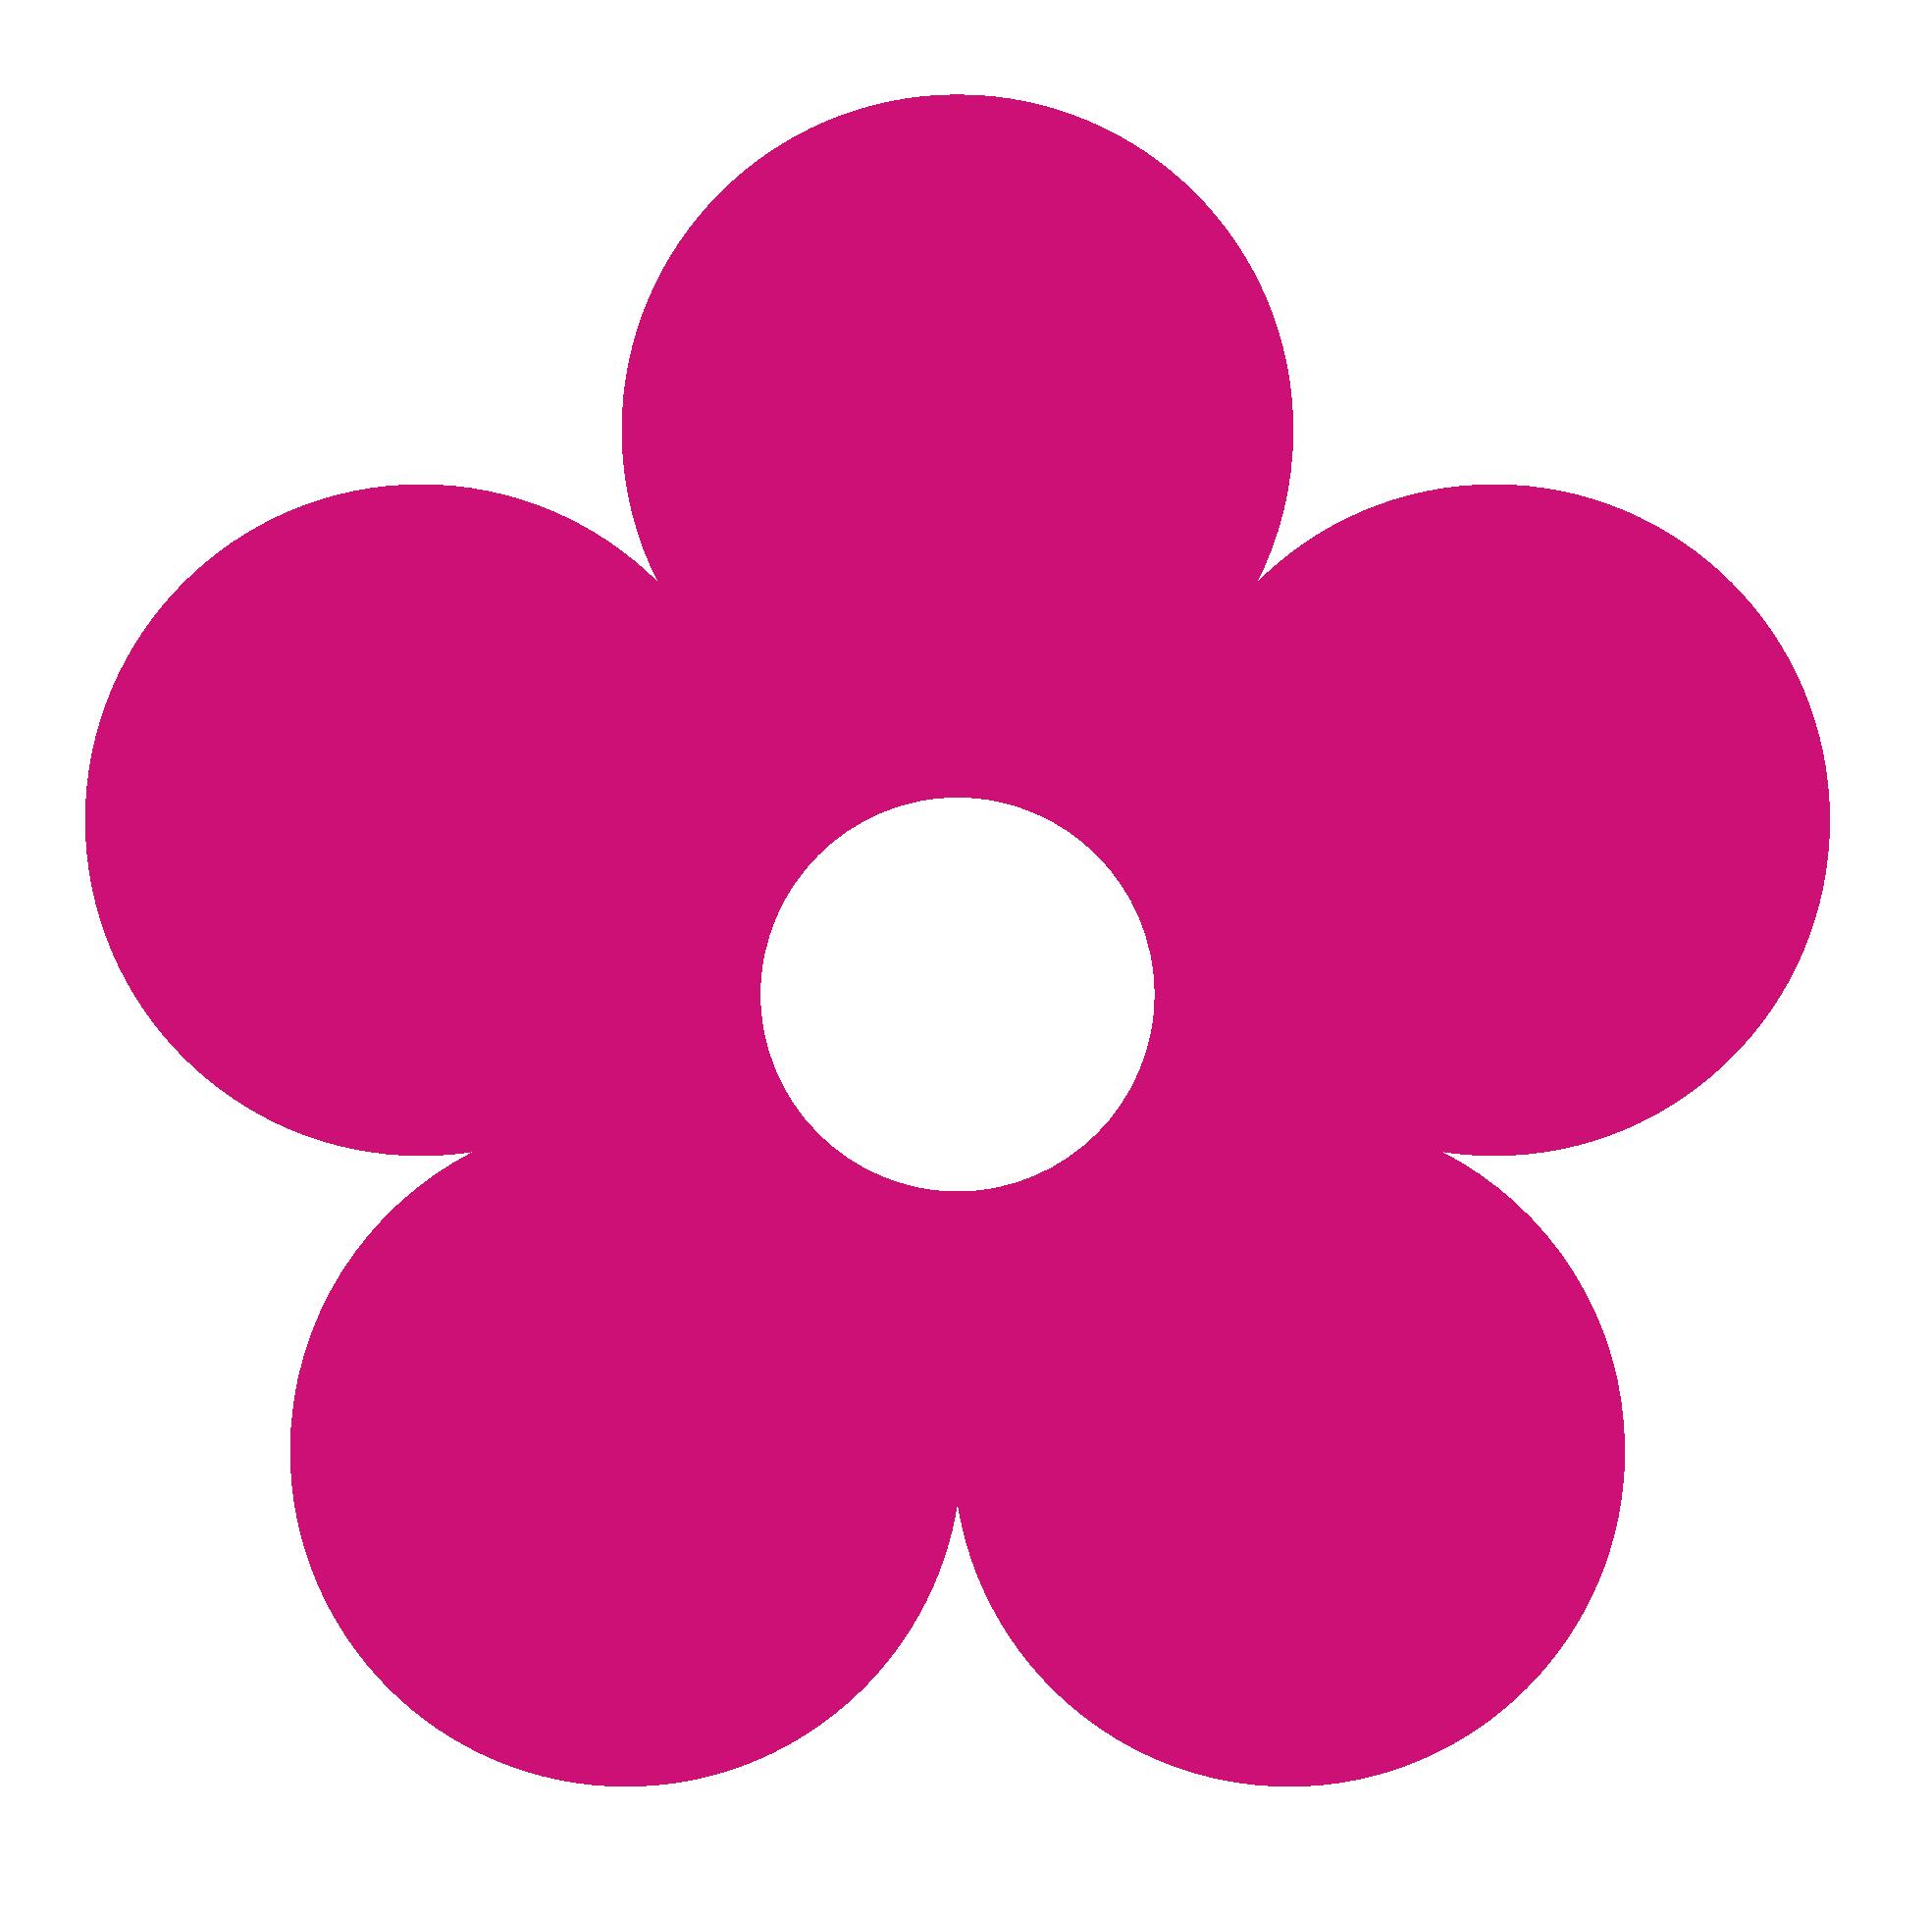 Pink flower background 1377212 - Pink Flower Pink Flower Clipartpink Flower